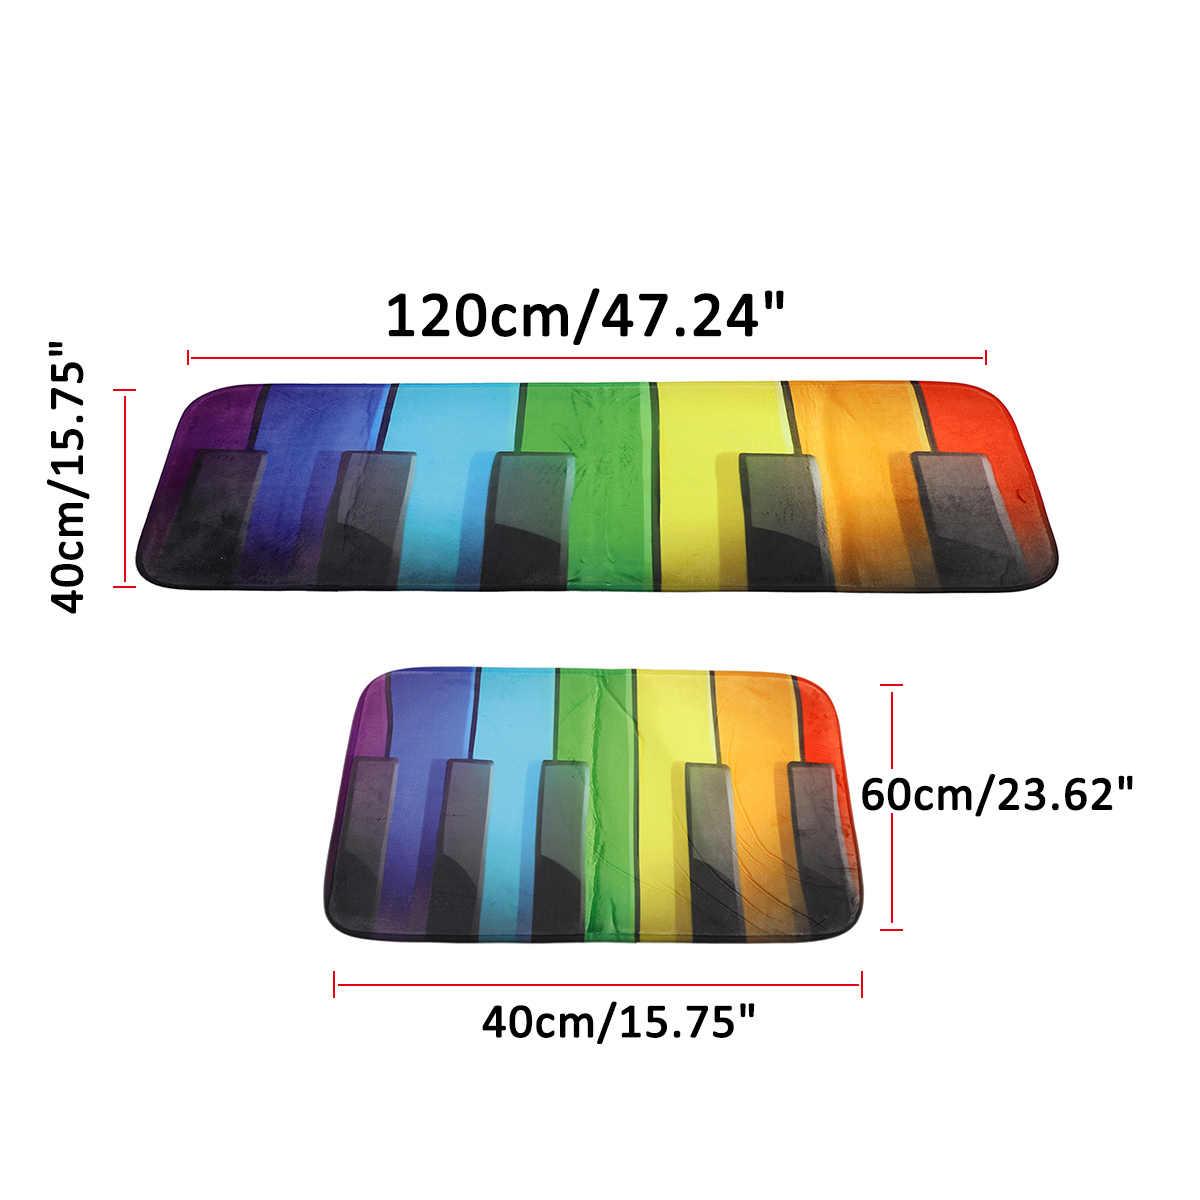 3D Печатный нескользящий красочный деревянный узор фортепиано ключи дверь пол коврик для кухонь, ванных коврики под входную дверь домашний декоративный Придверный коврик